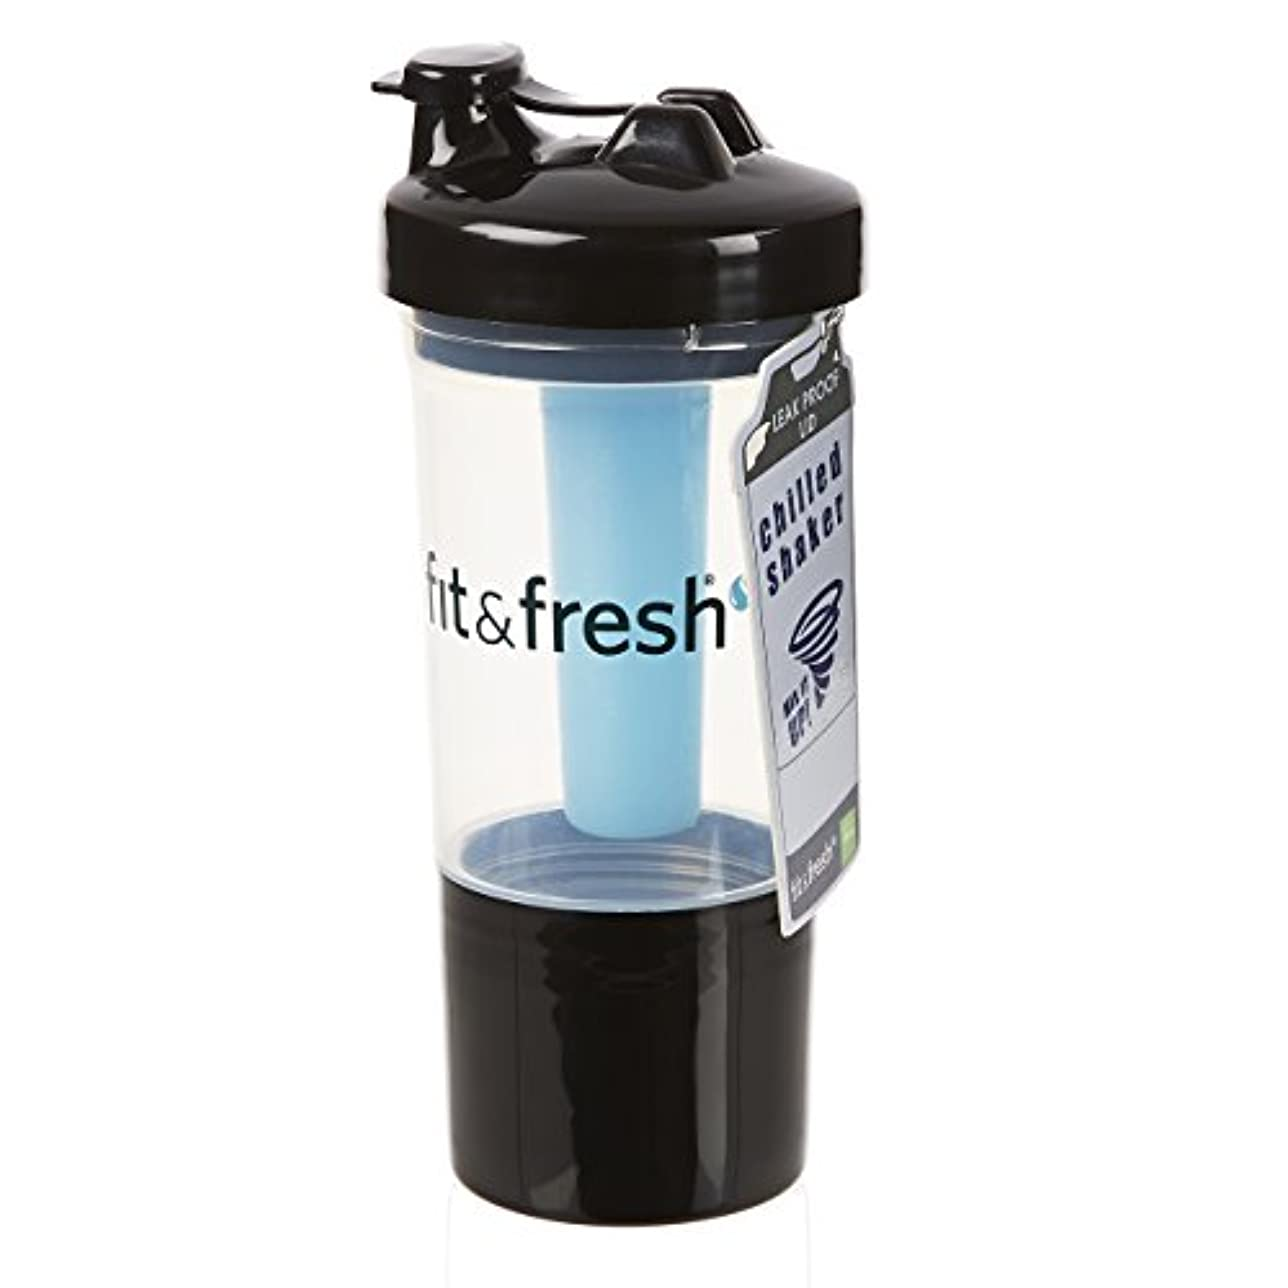 安息中絶軽減Fit & Fresh, CleanTek, Shaker Cup with Ice Wand Agitator & Storage Cup, 1 Cup